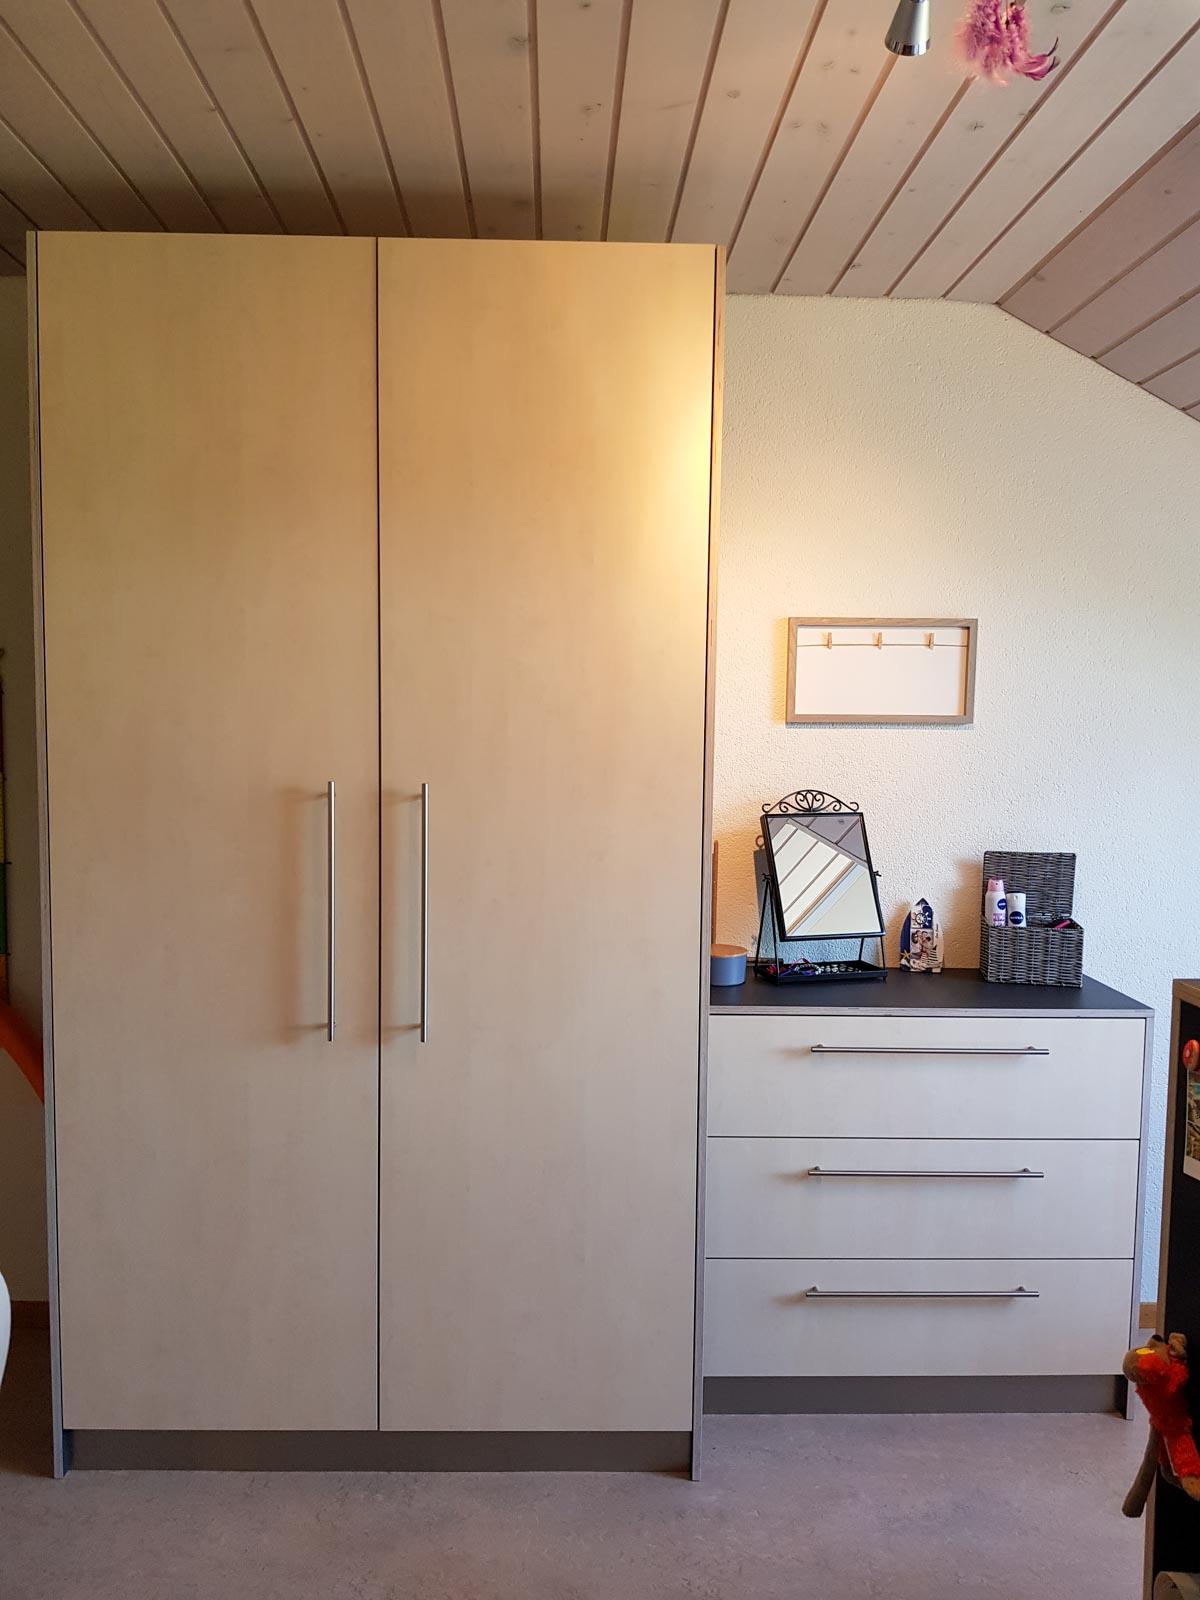 Wooddesign_Kinderzimmer_Kinderbett_Spielzimmer_Schreibtisch-Verstauraum_ Schubladen_Pinwand_Bücherregal (7)